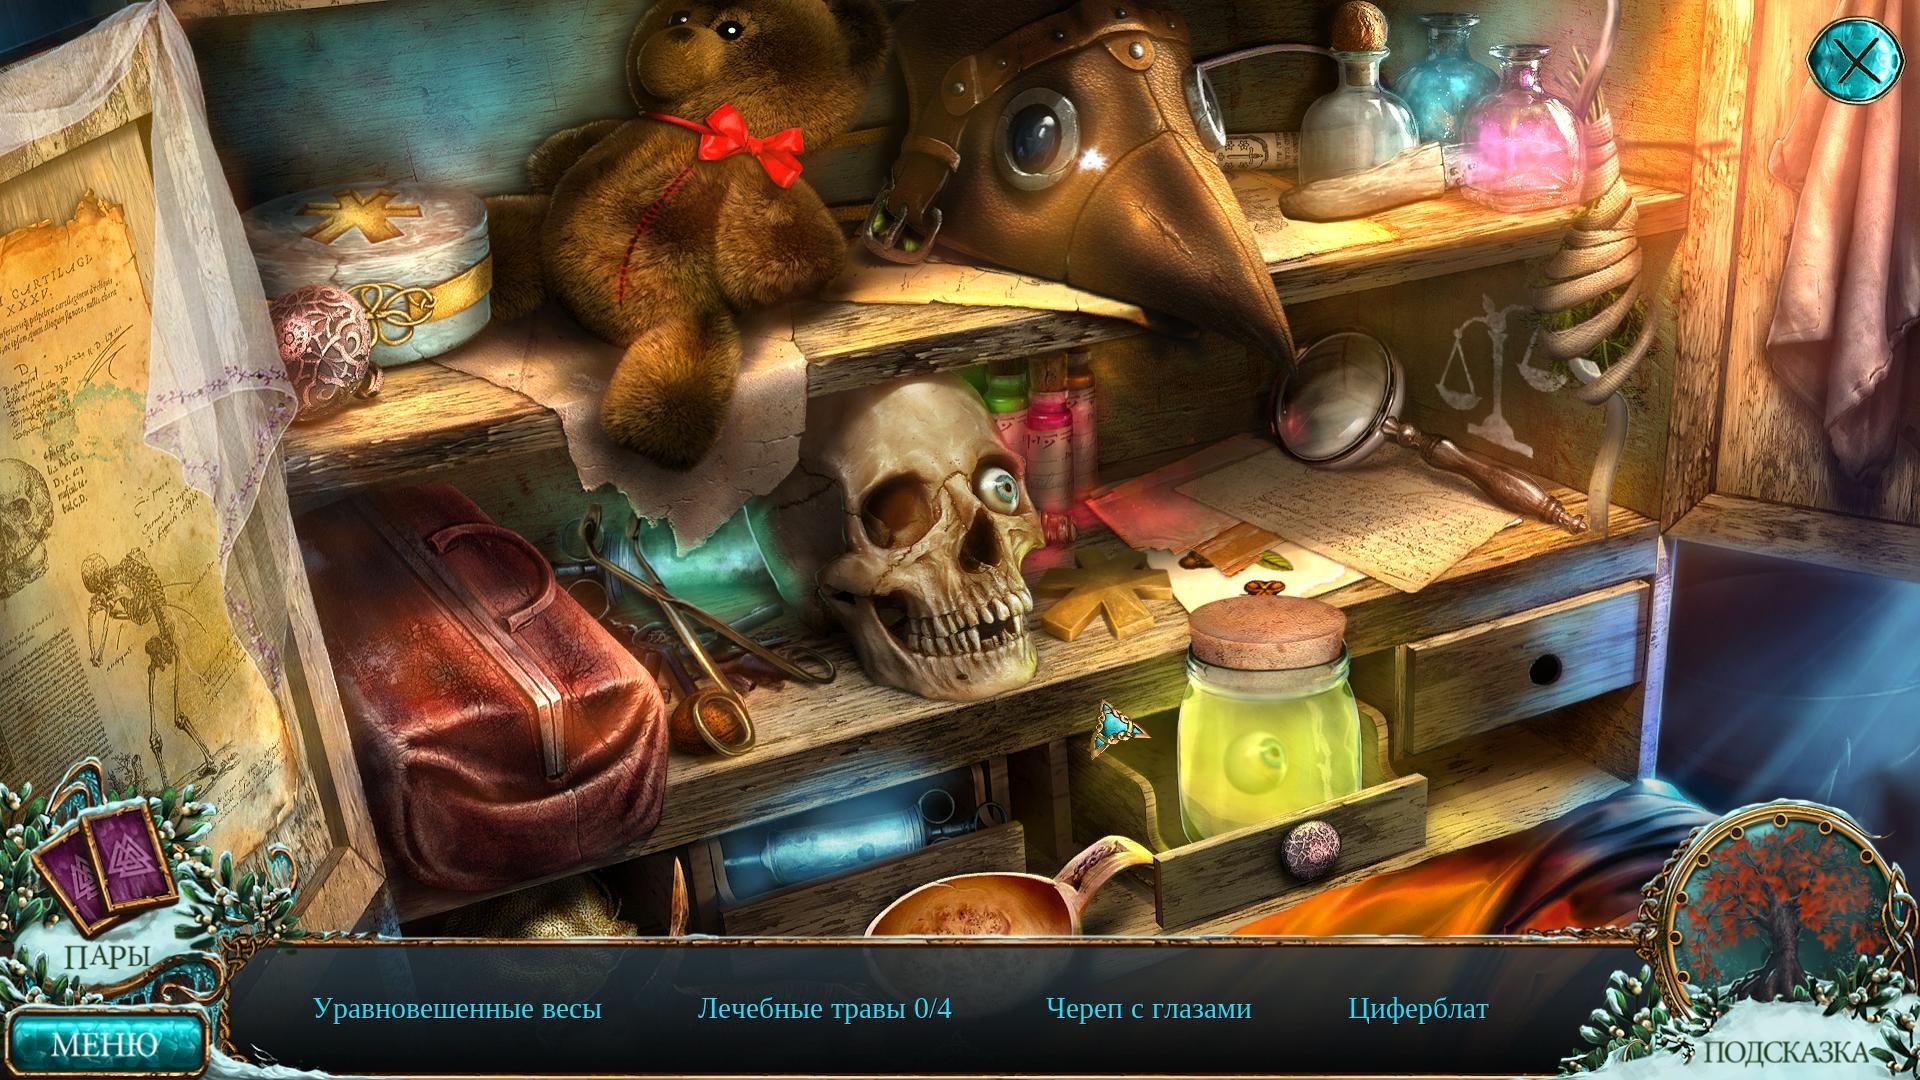 http://fs5.directupload.net/images/180722/49445gj8.jpg